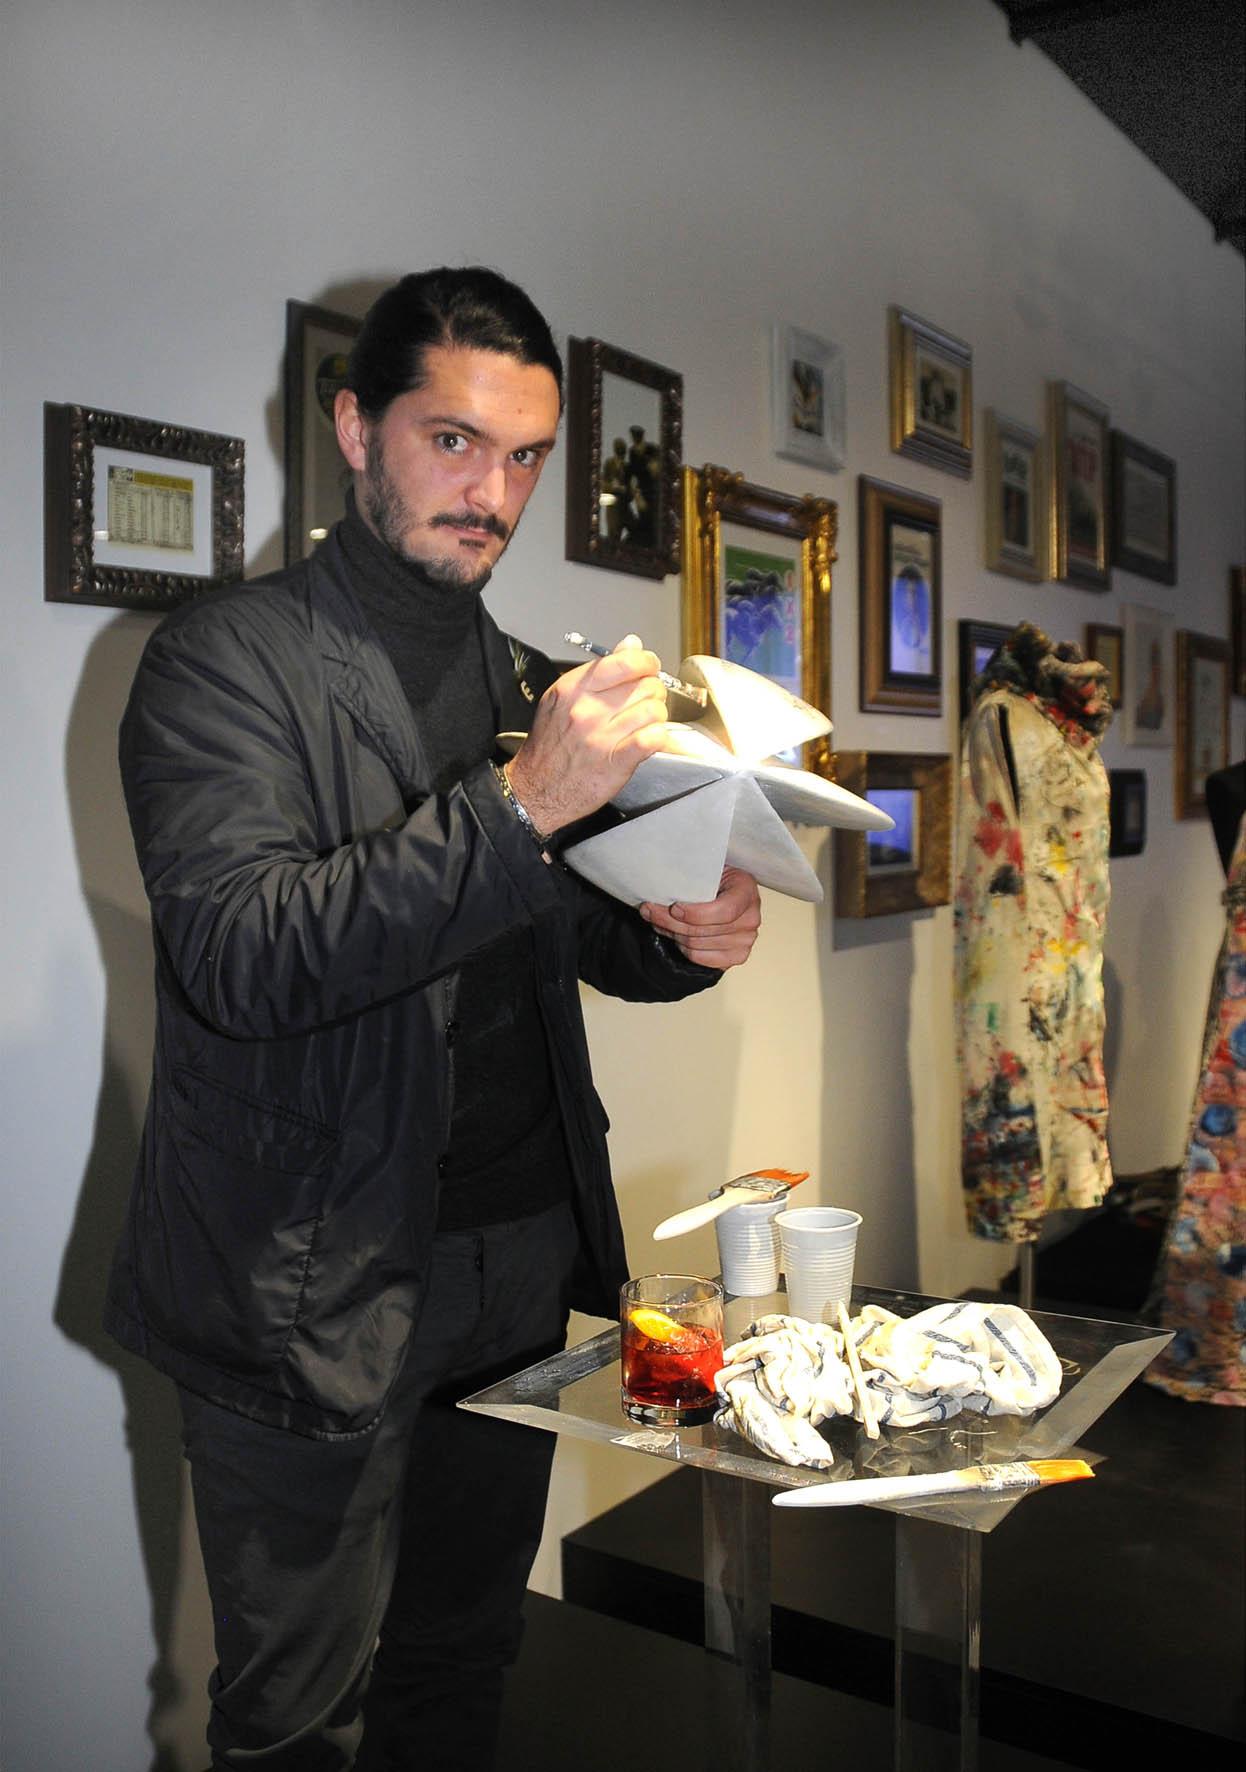 PRESSPHOTO  INAUGURAZIONE DI  SISAL  WINCITY-NELLA FOTO,L'ARTISTA NICCOLO' POGGI.-  Foto Umberto Visintini/New Press Photo